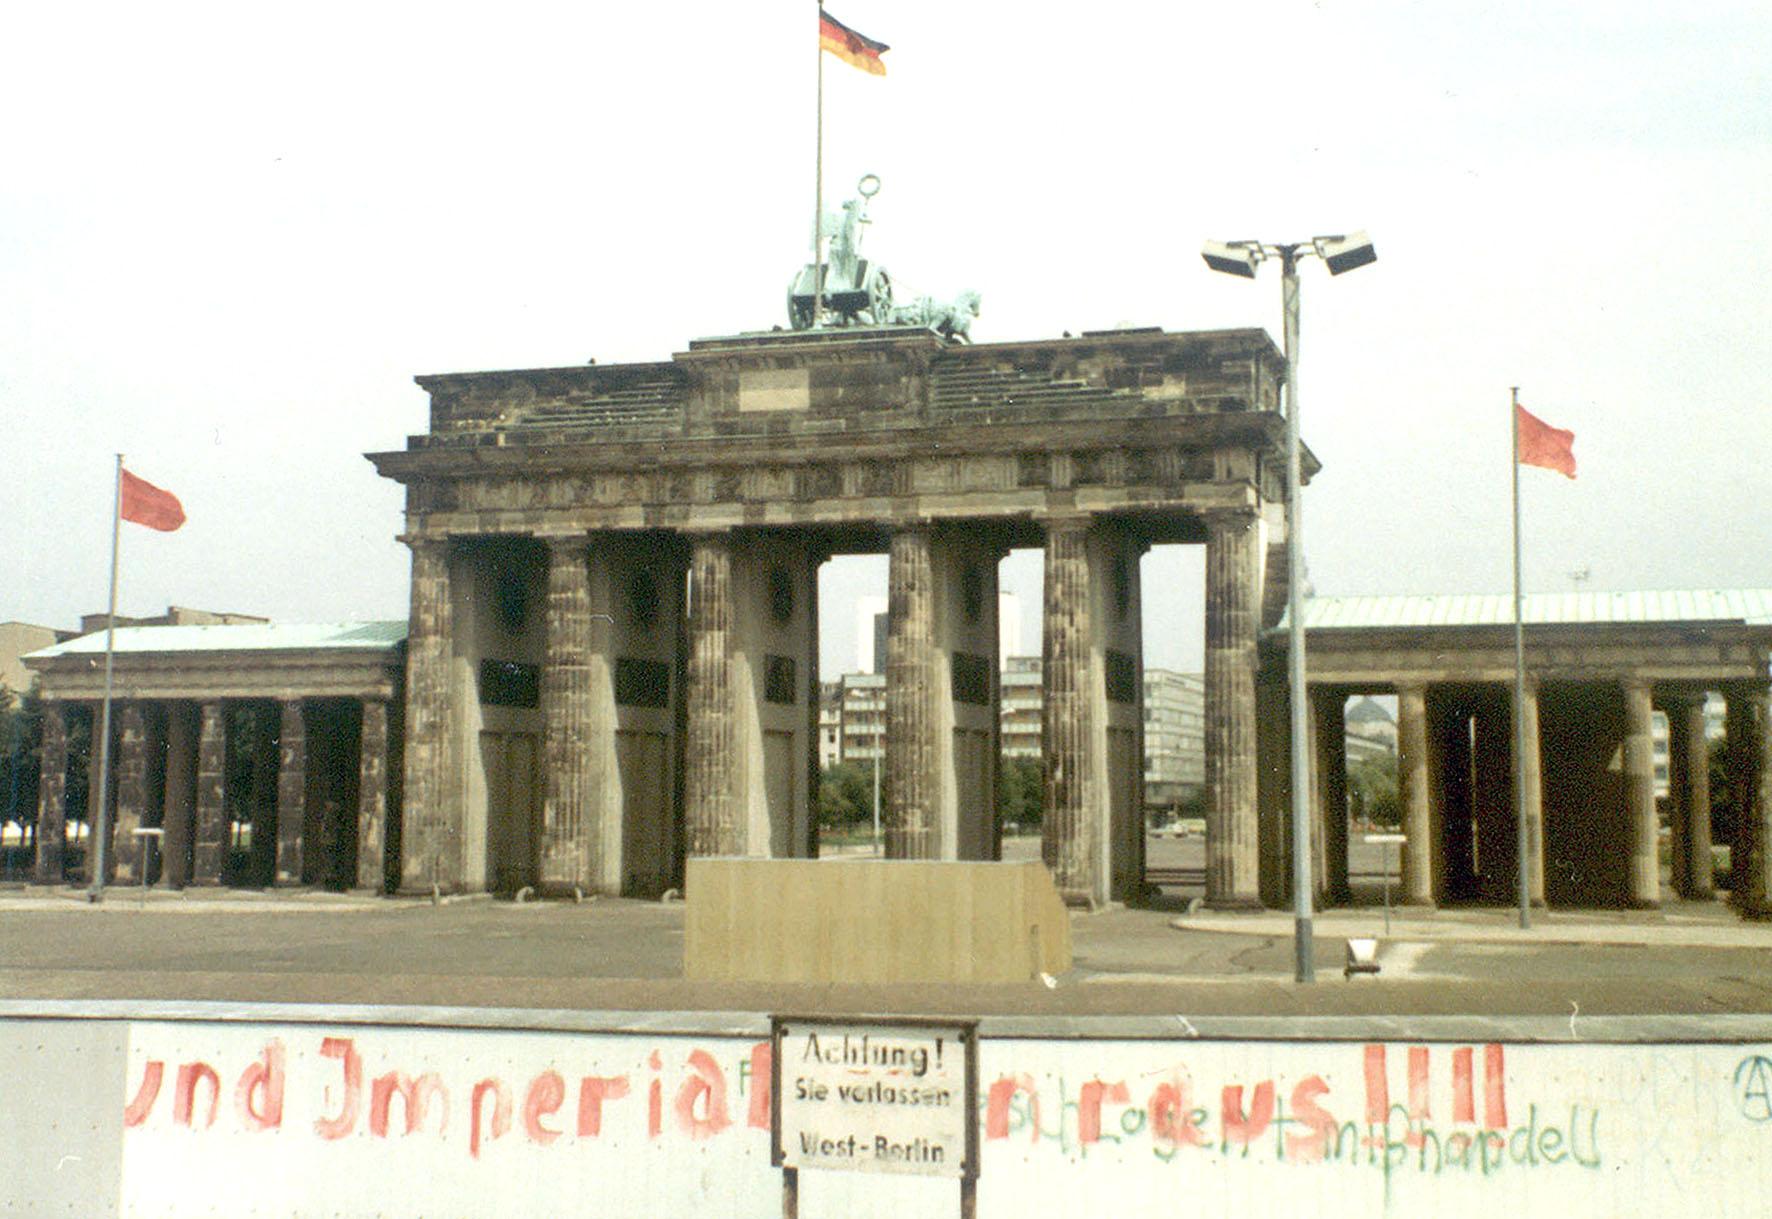 Das Brandenburger Tor mit einem Teil der Berliner Mauer im Vordergrund.